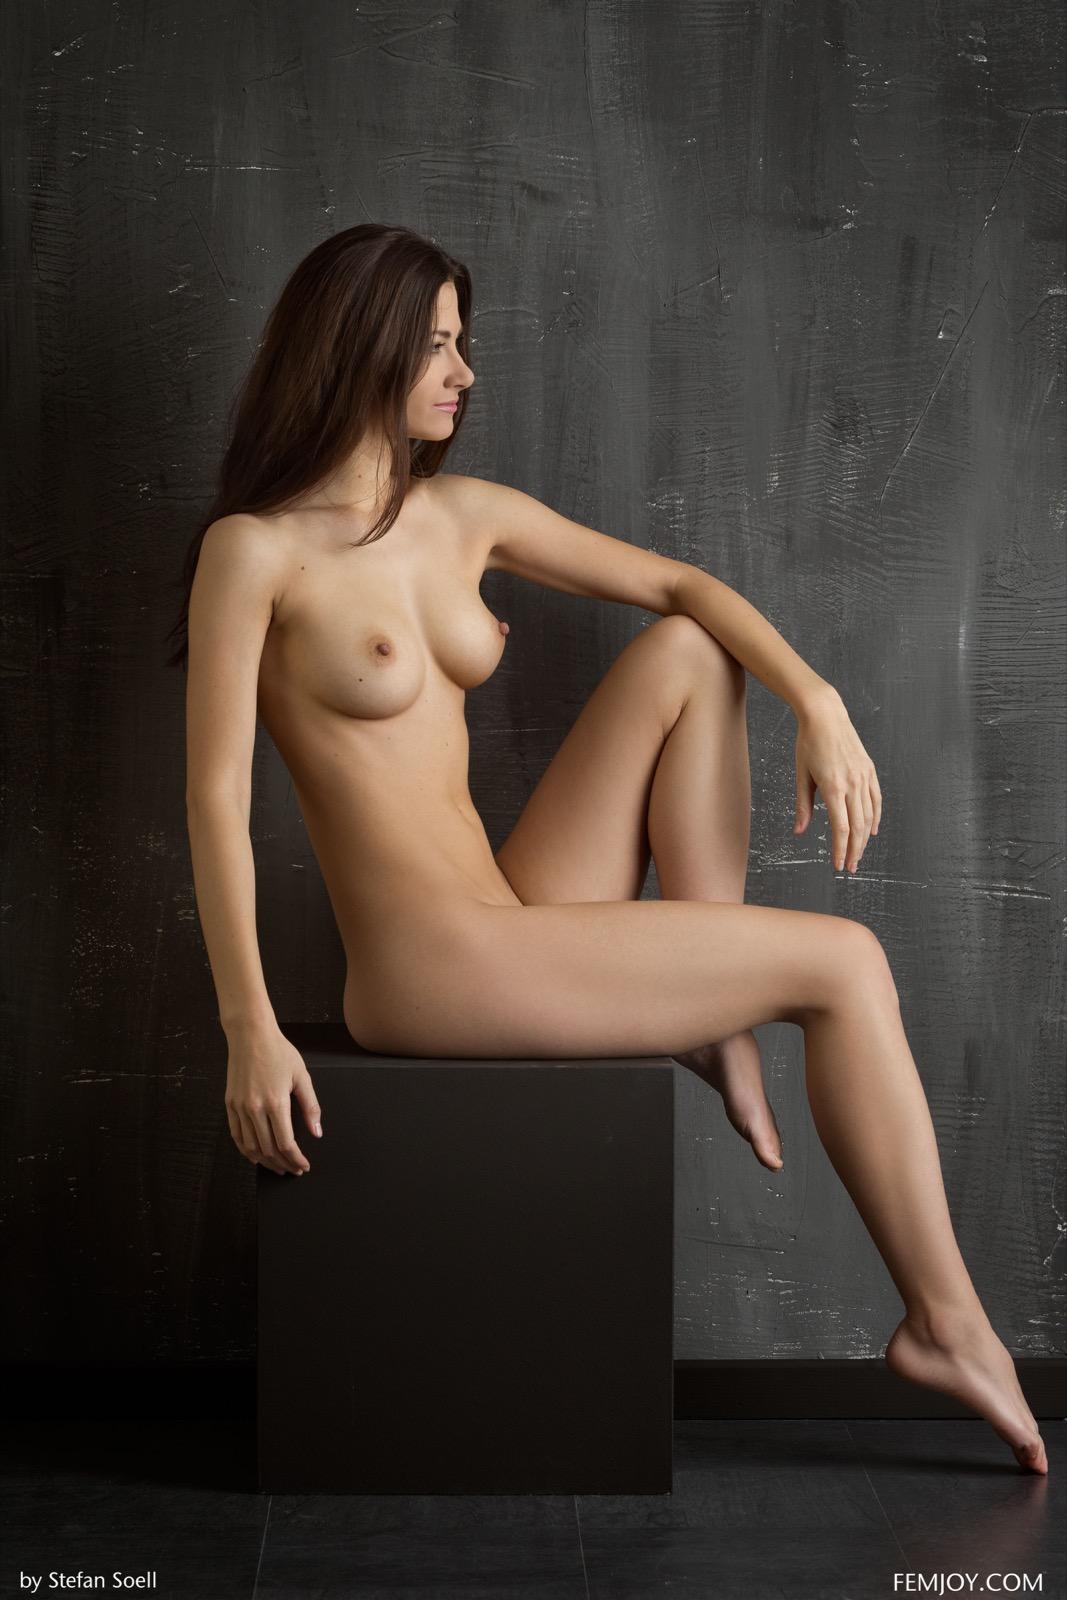 Porn star sarah rae